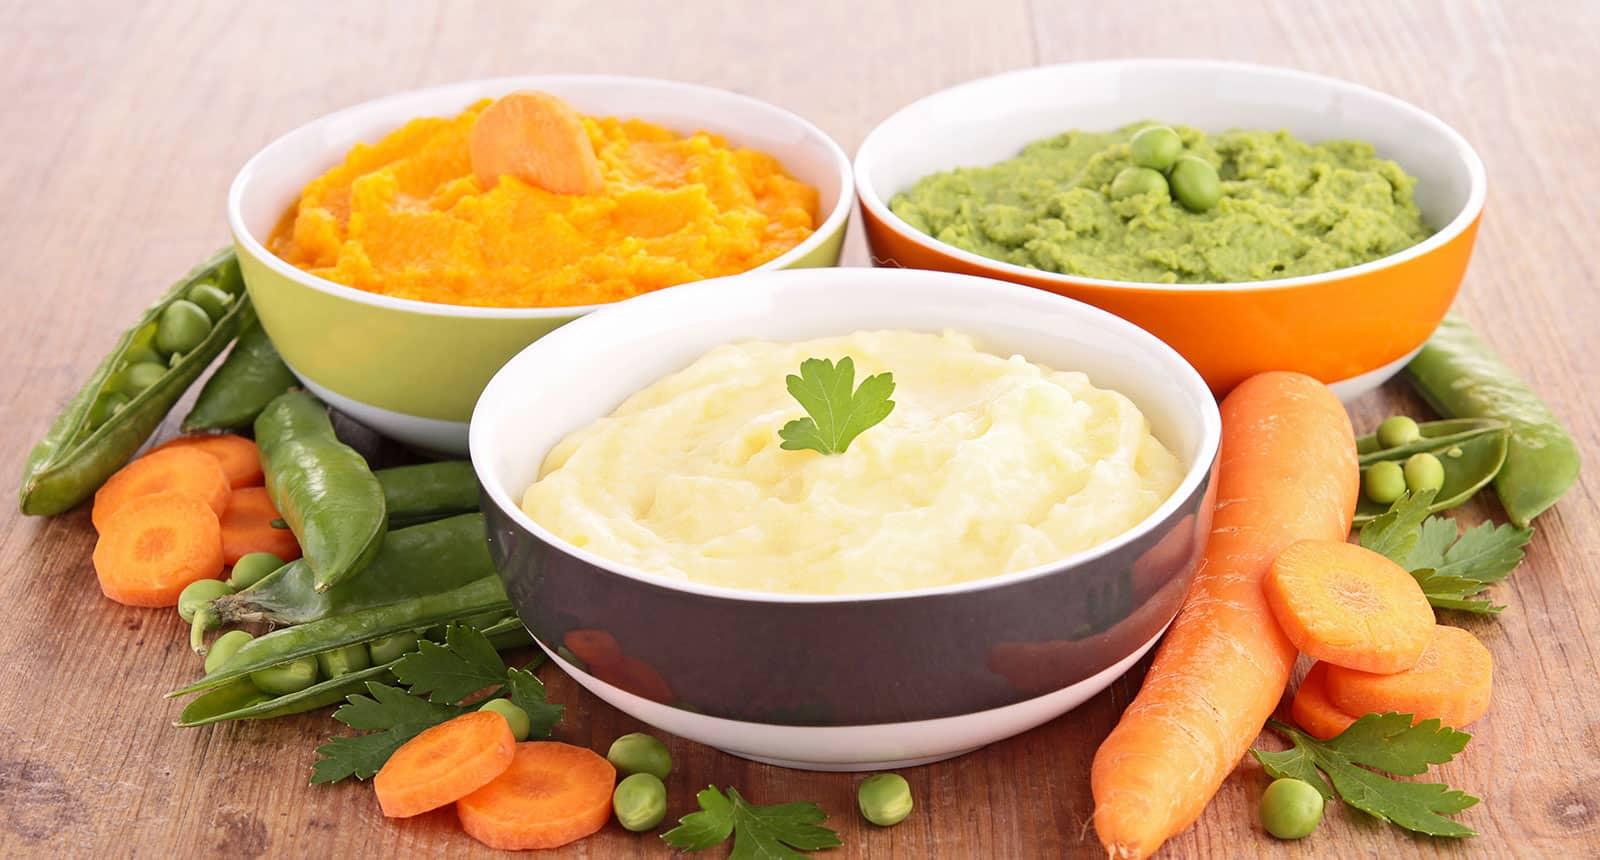 Mashed Vegetables